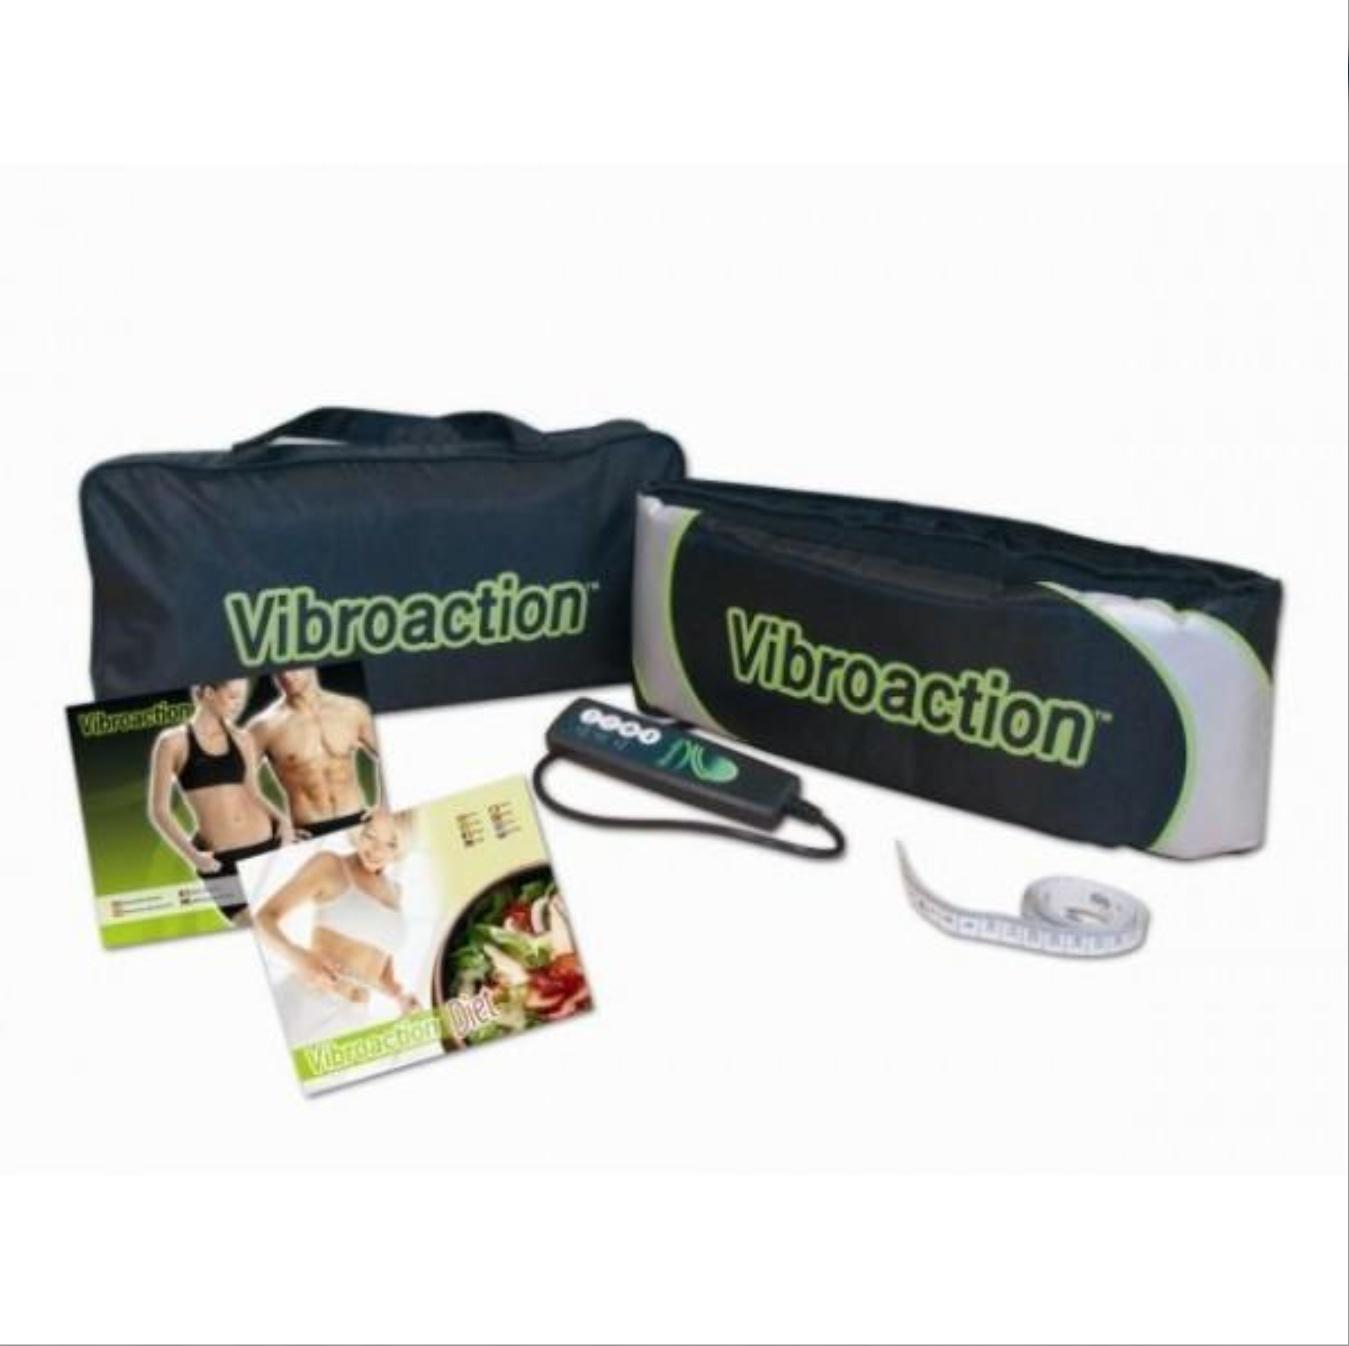 Centura VibroAction cu telecomanda, pentru tonifiere